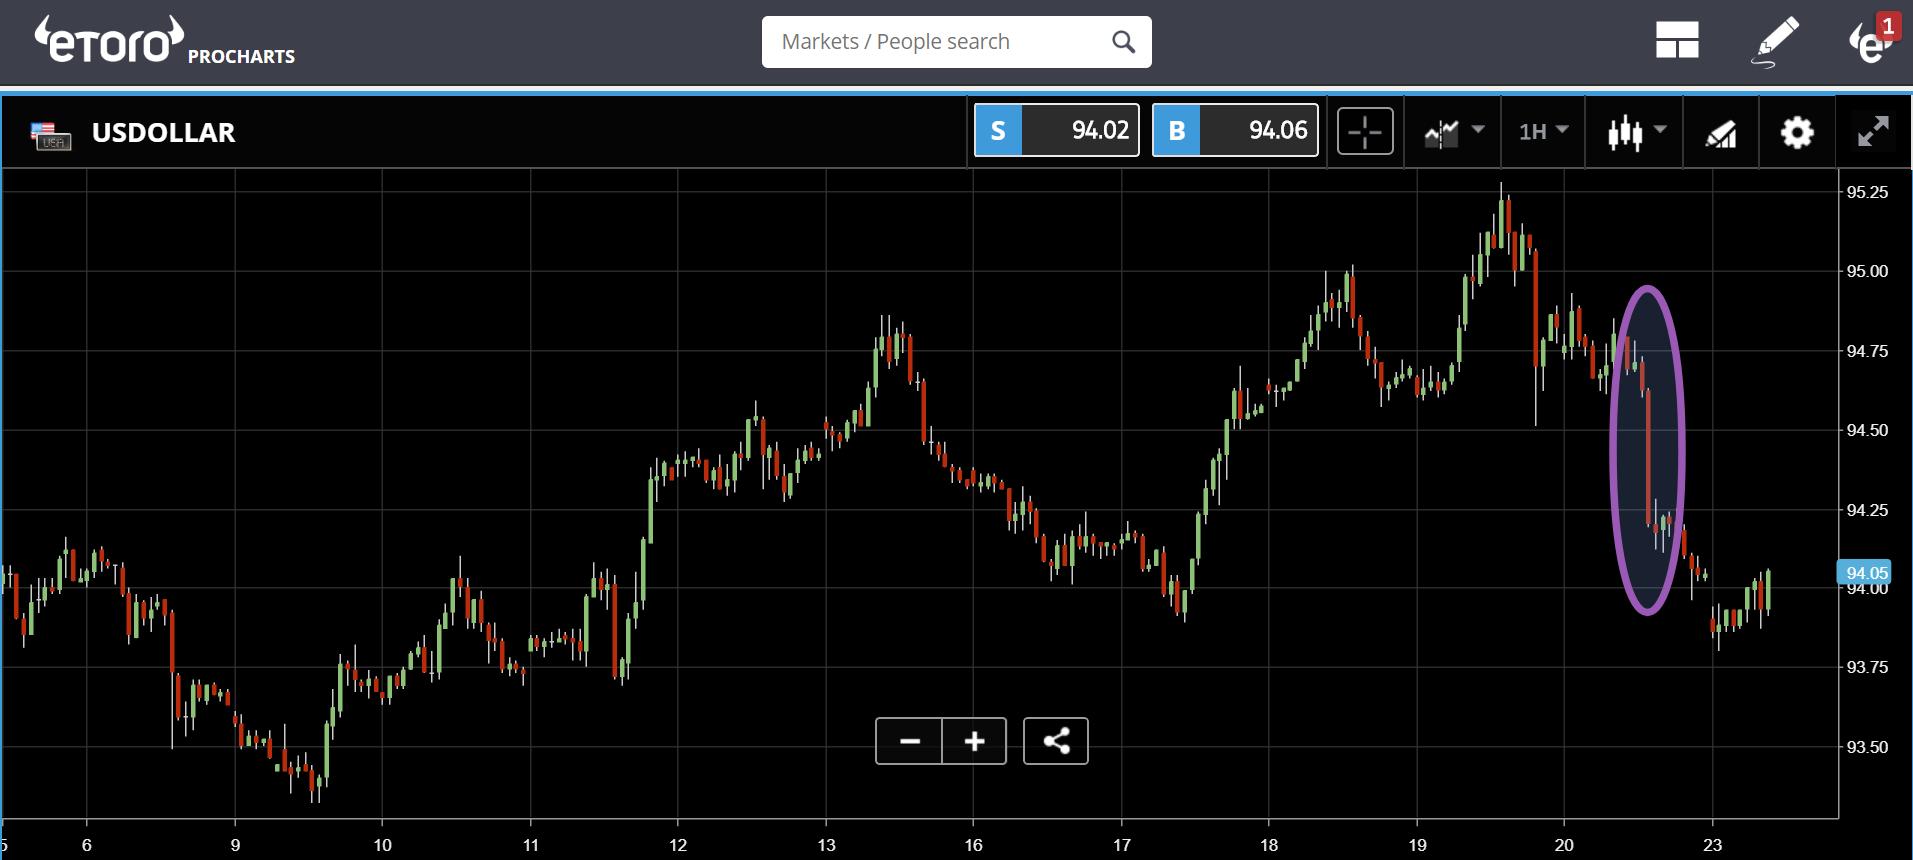 etoro, crypto, markets, trading, bonds, china, japan